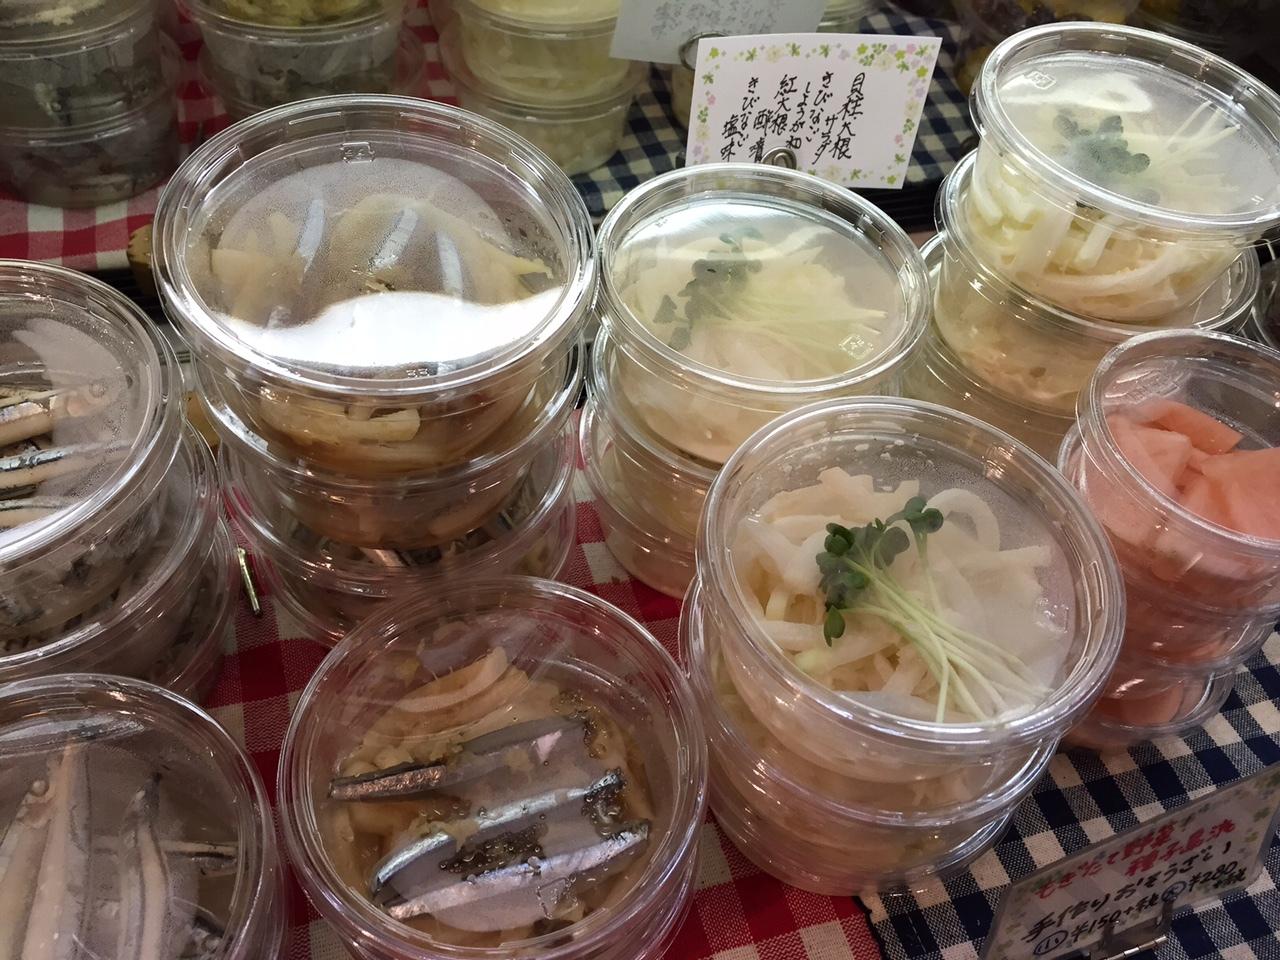 手作りミニお惣菜♪貝柱大根サラダ、きびなご生姜和え、紅大根酢漬け、きびなご塩味♪日本酒と合わせても◎♪_c0069047_16574128.jpg